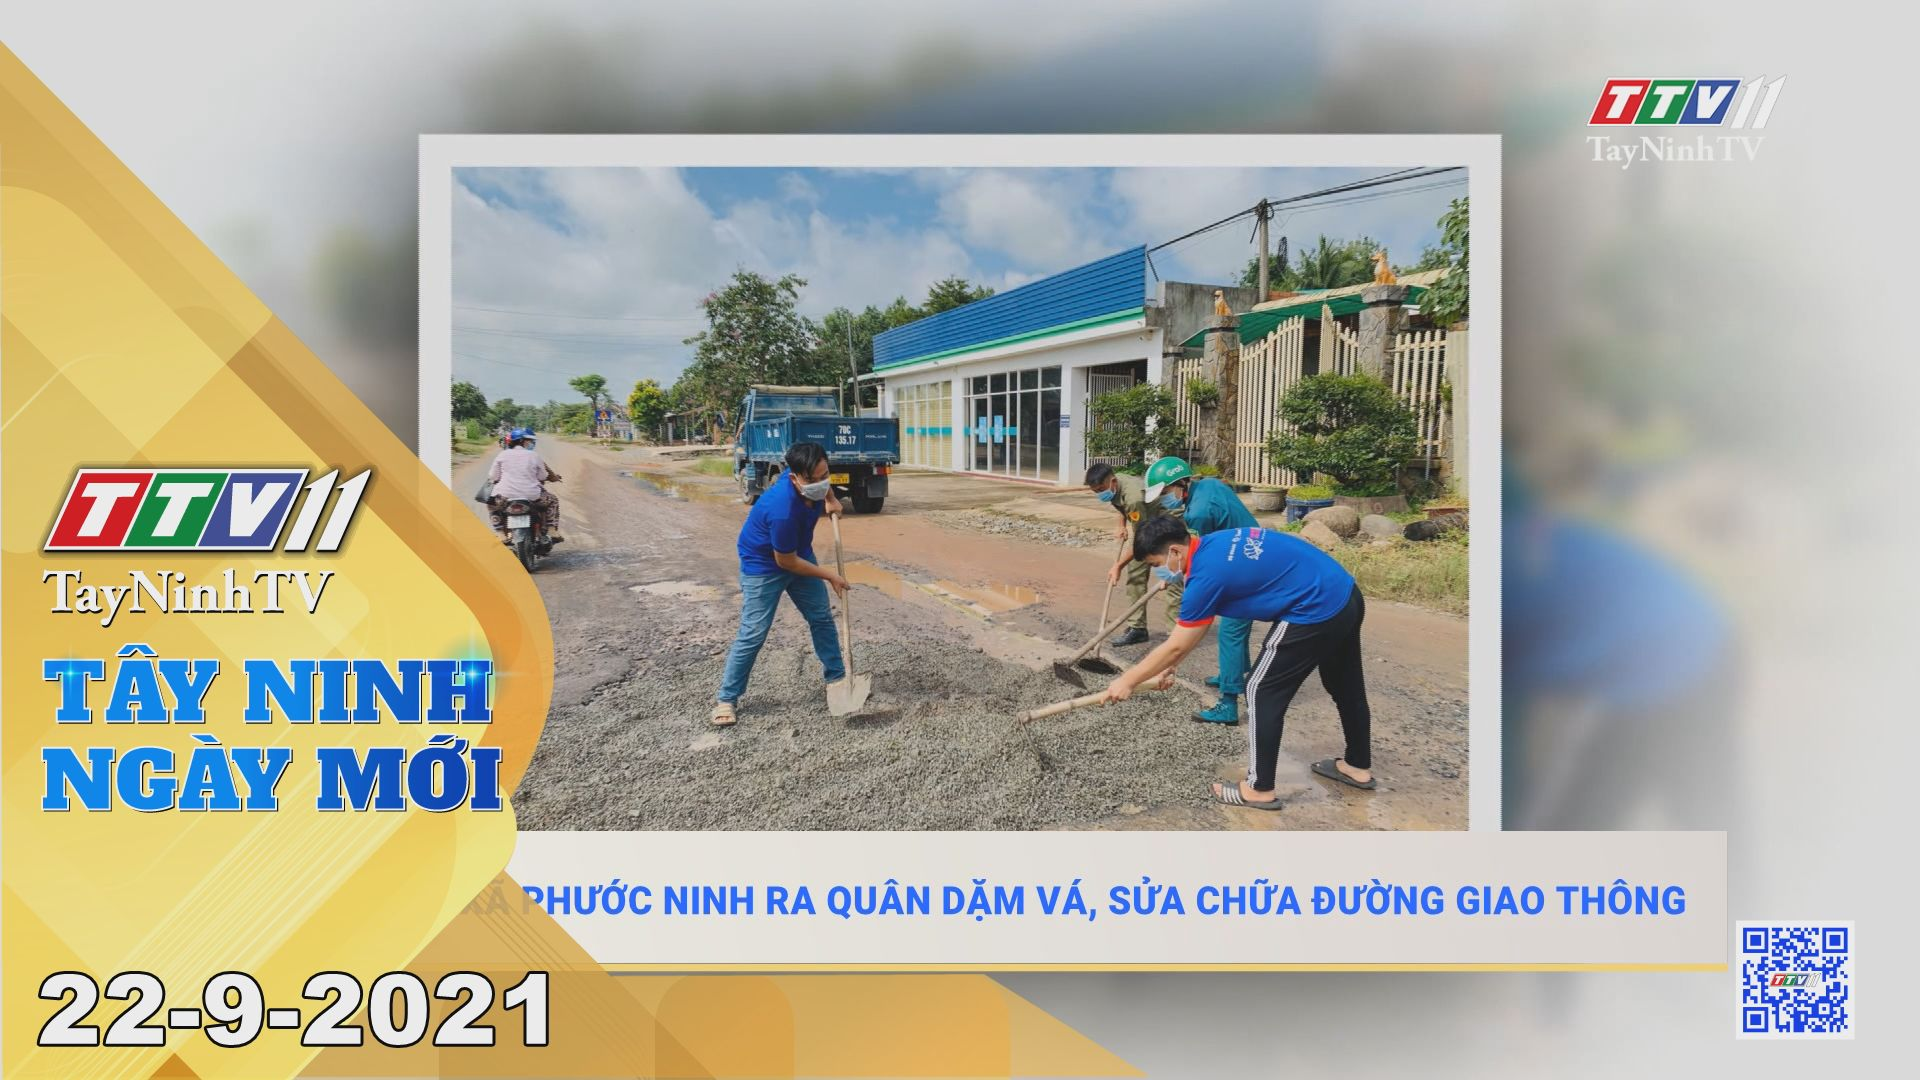 Tây Ninh Ngày Mới 22/9/2021 | Tin tức hôm nay | TayNinhTV